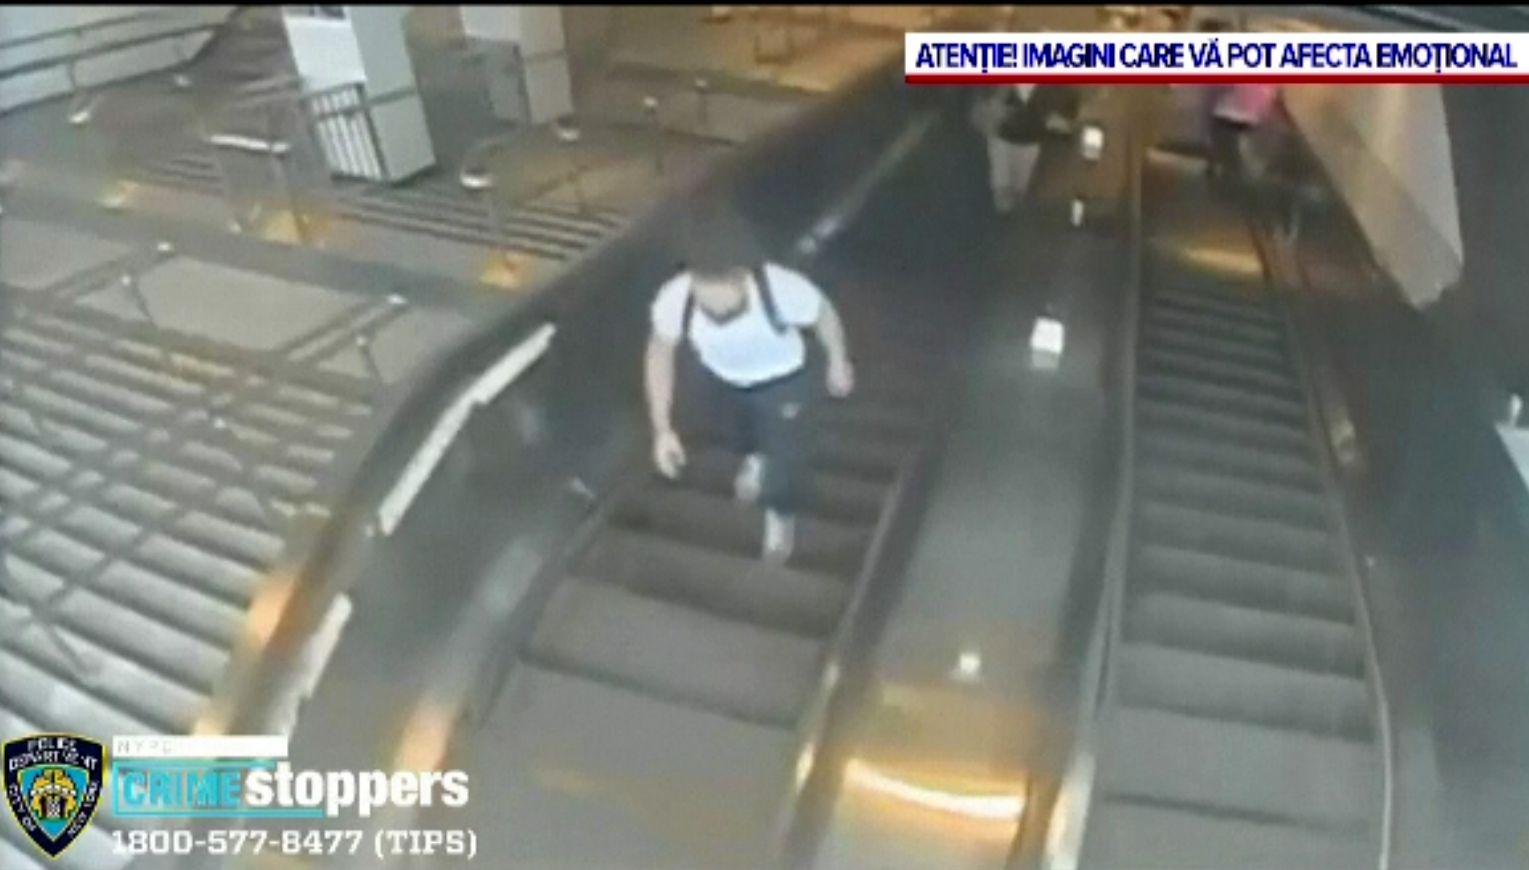 Femeie lovită cu sălbăticie la metrou, în New York. Poliția are imagini, dar nu a identificat agresorul